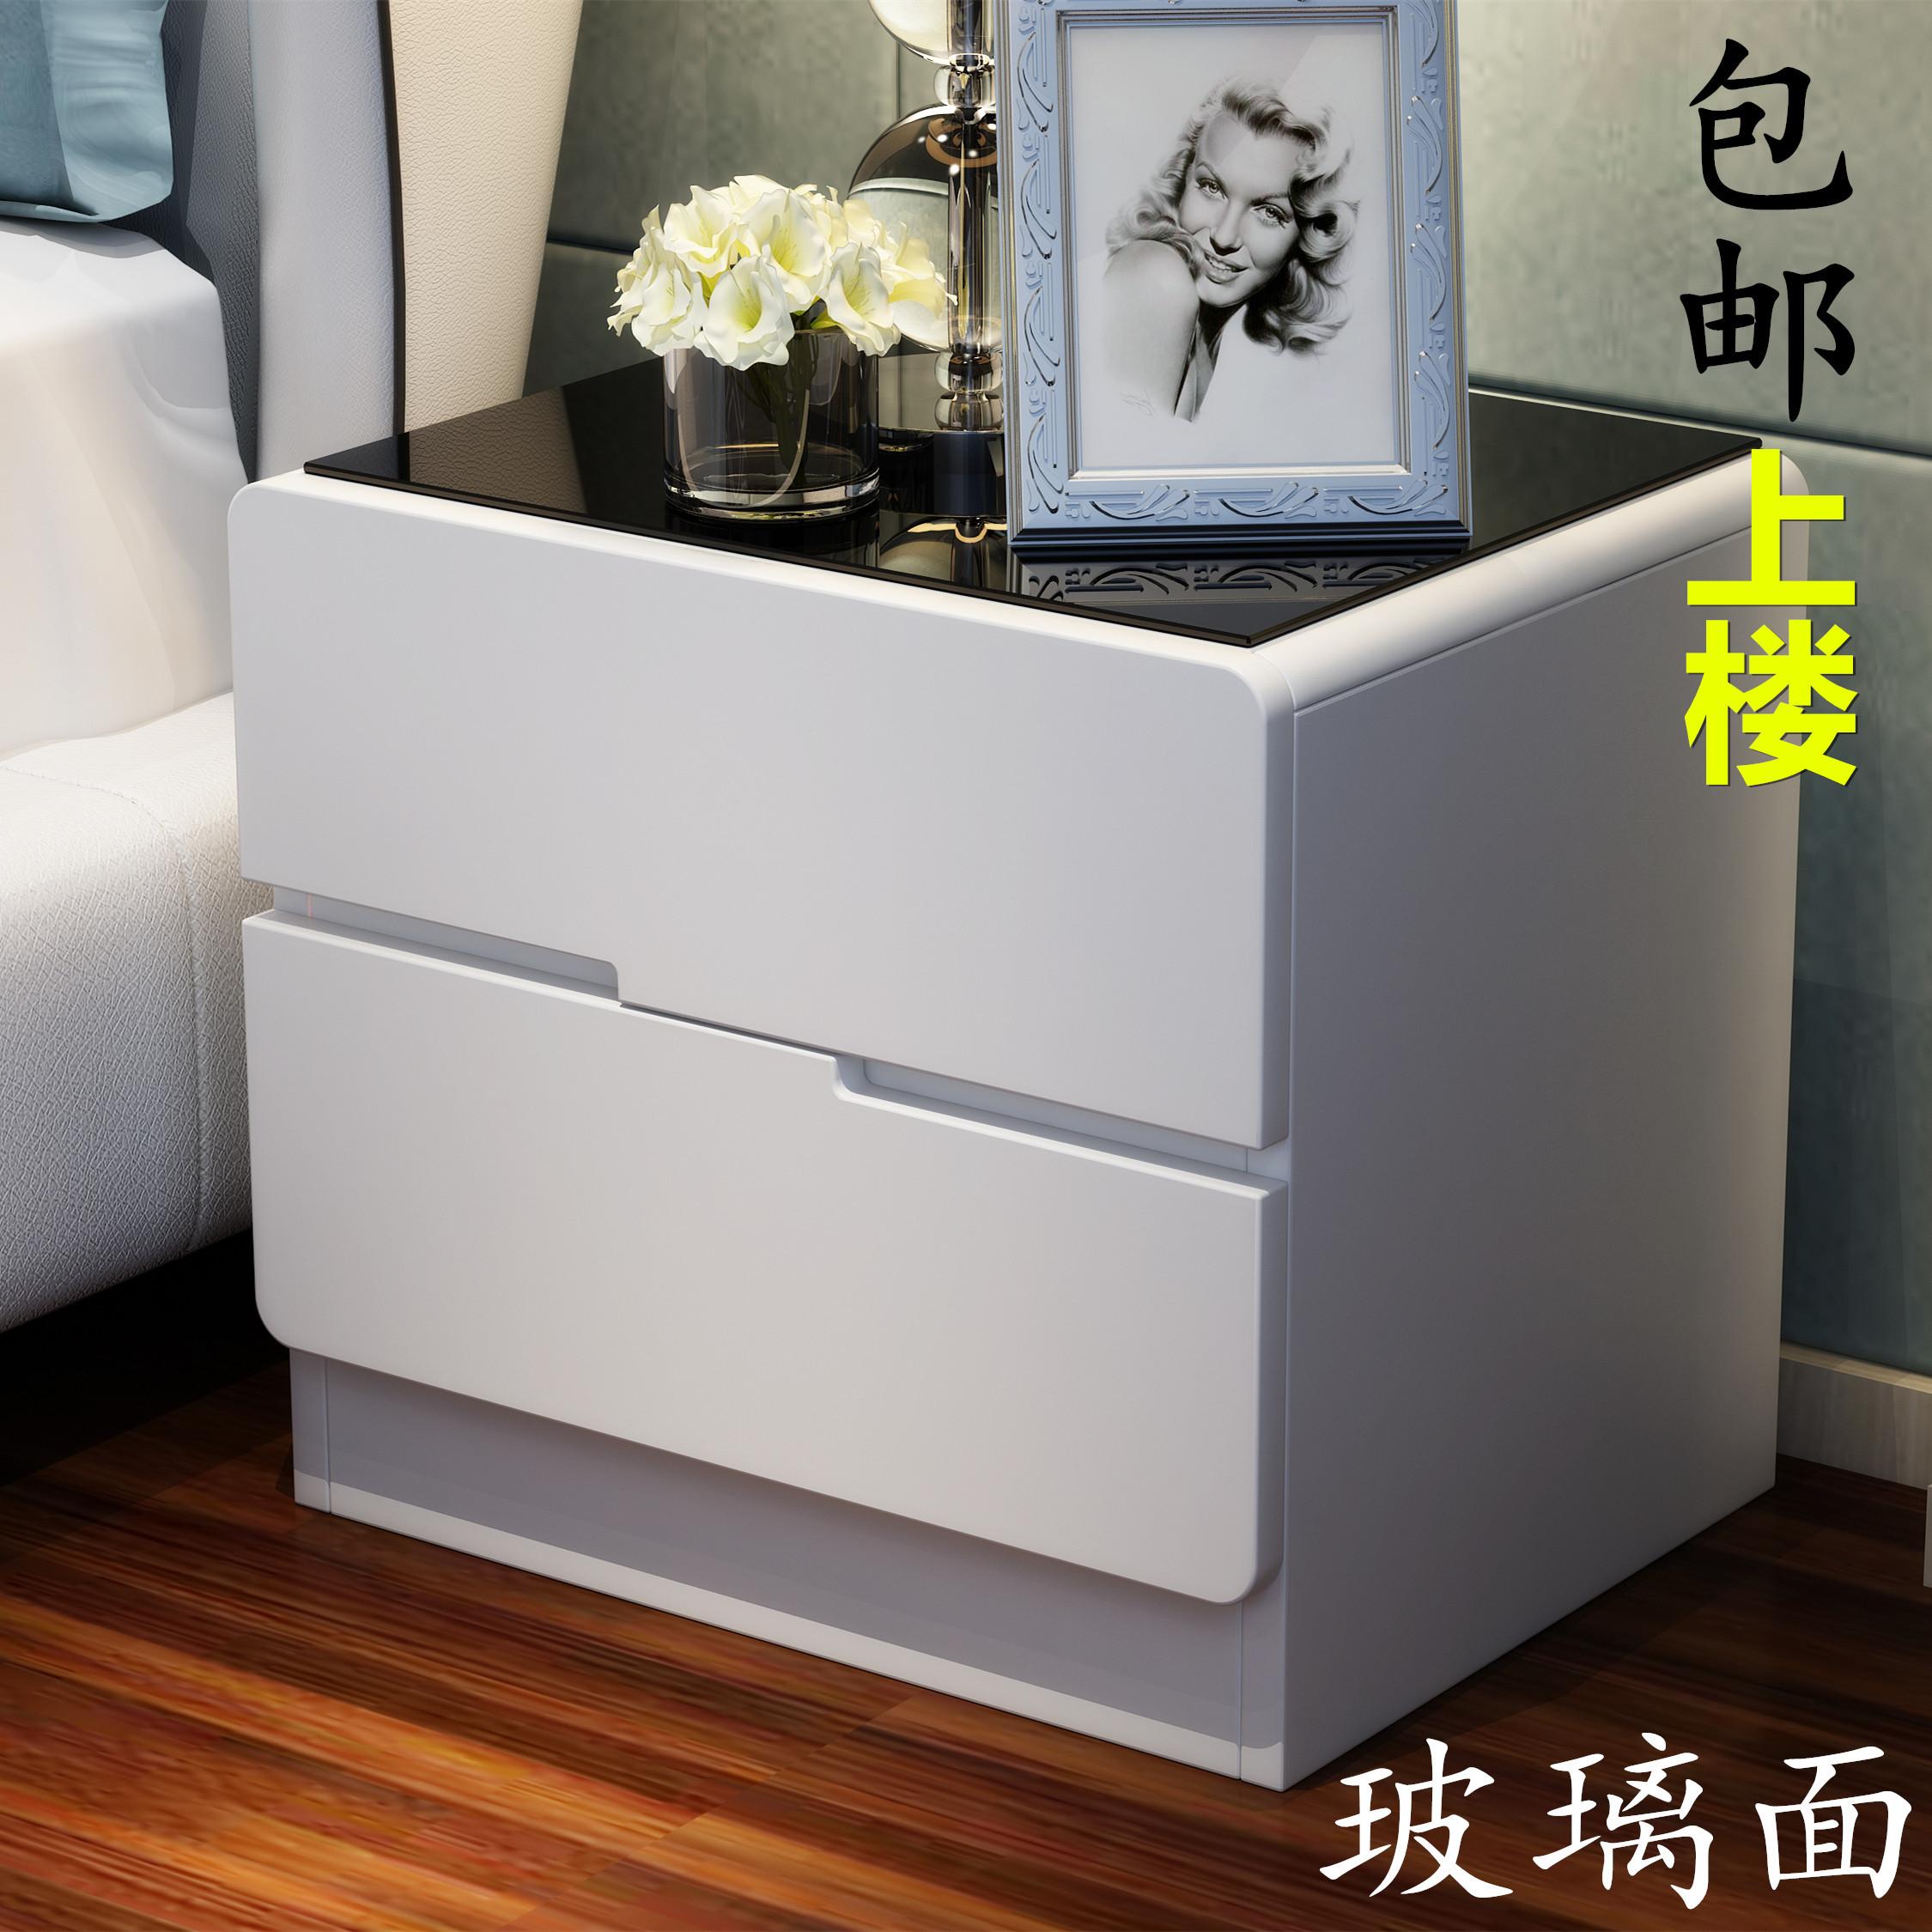 Прикроватная тумбочка поколение Шкаф для спальни со шкафчиком белый Хранение готового бесплатная доставка по китаю